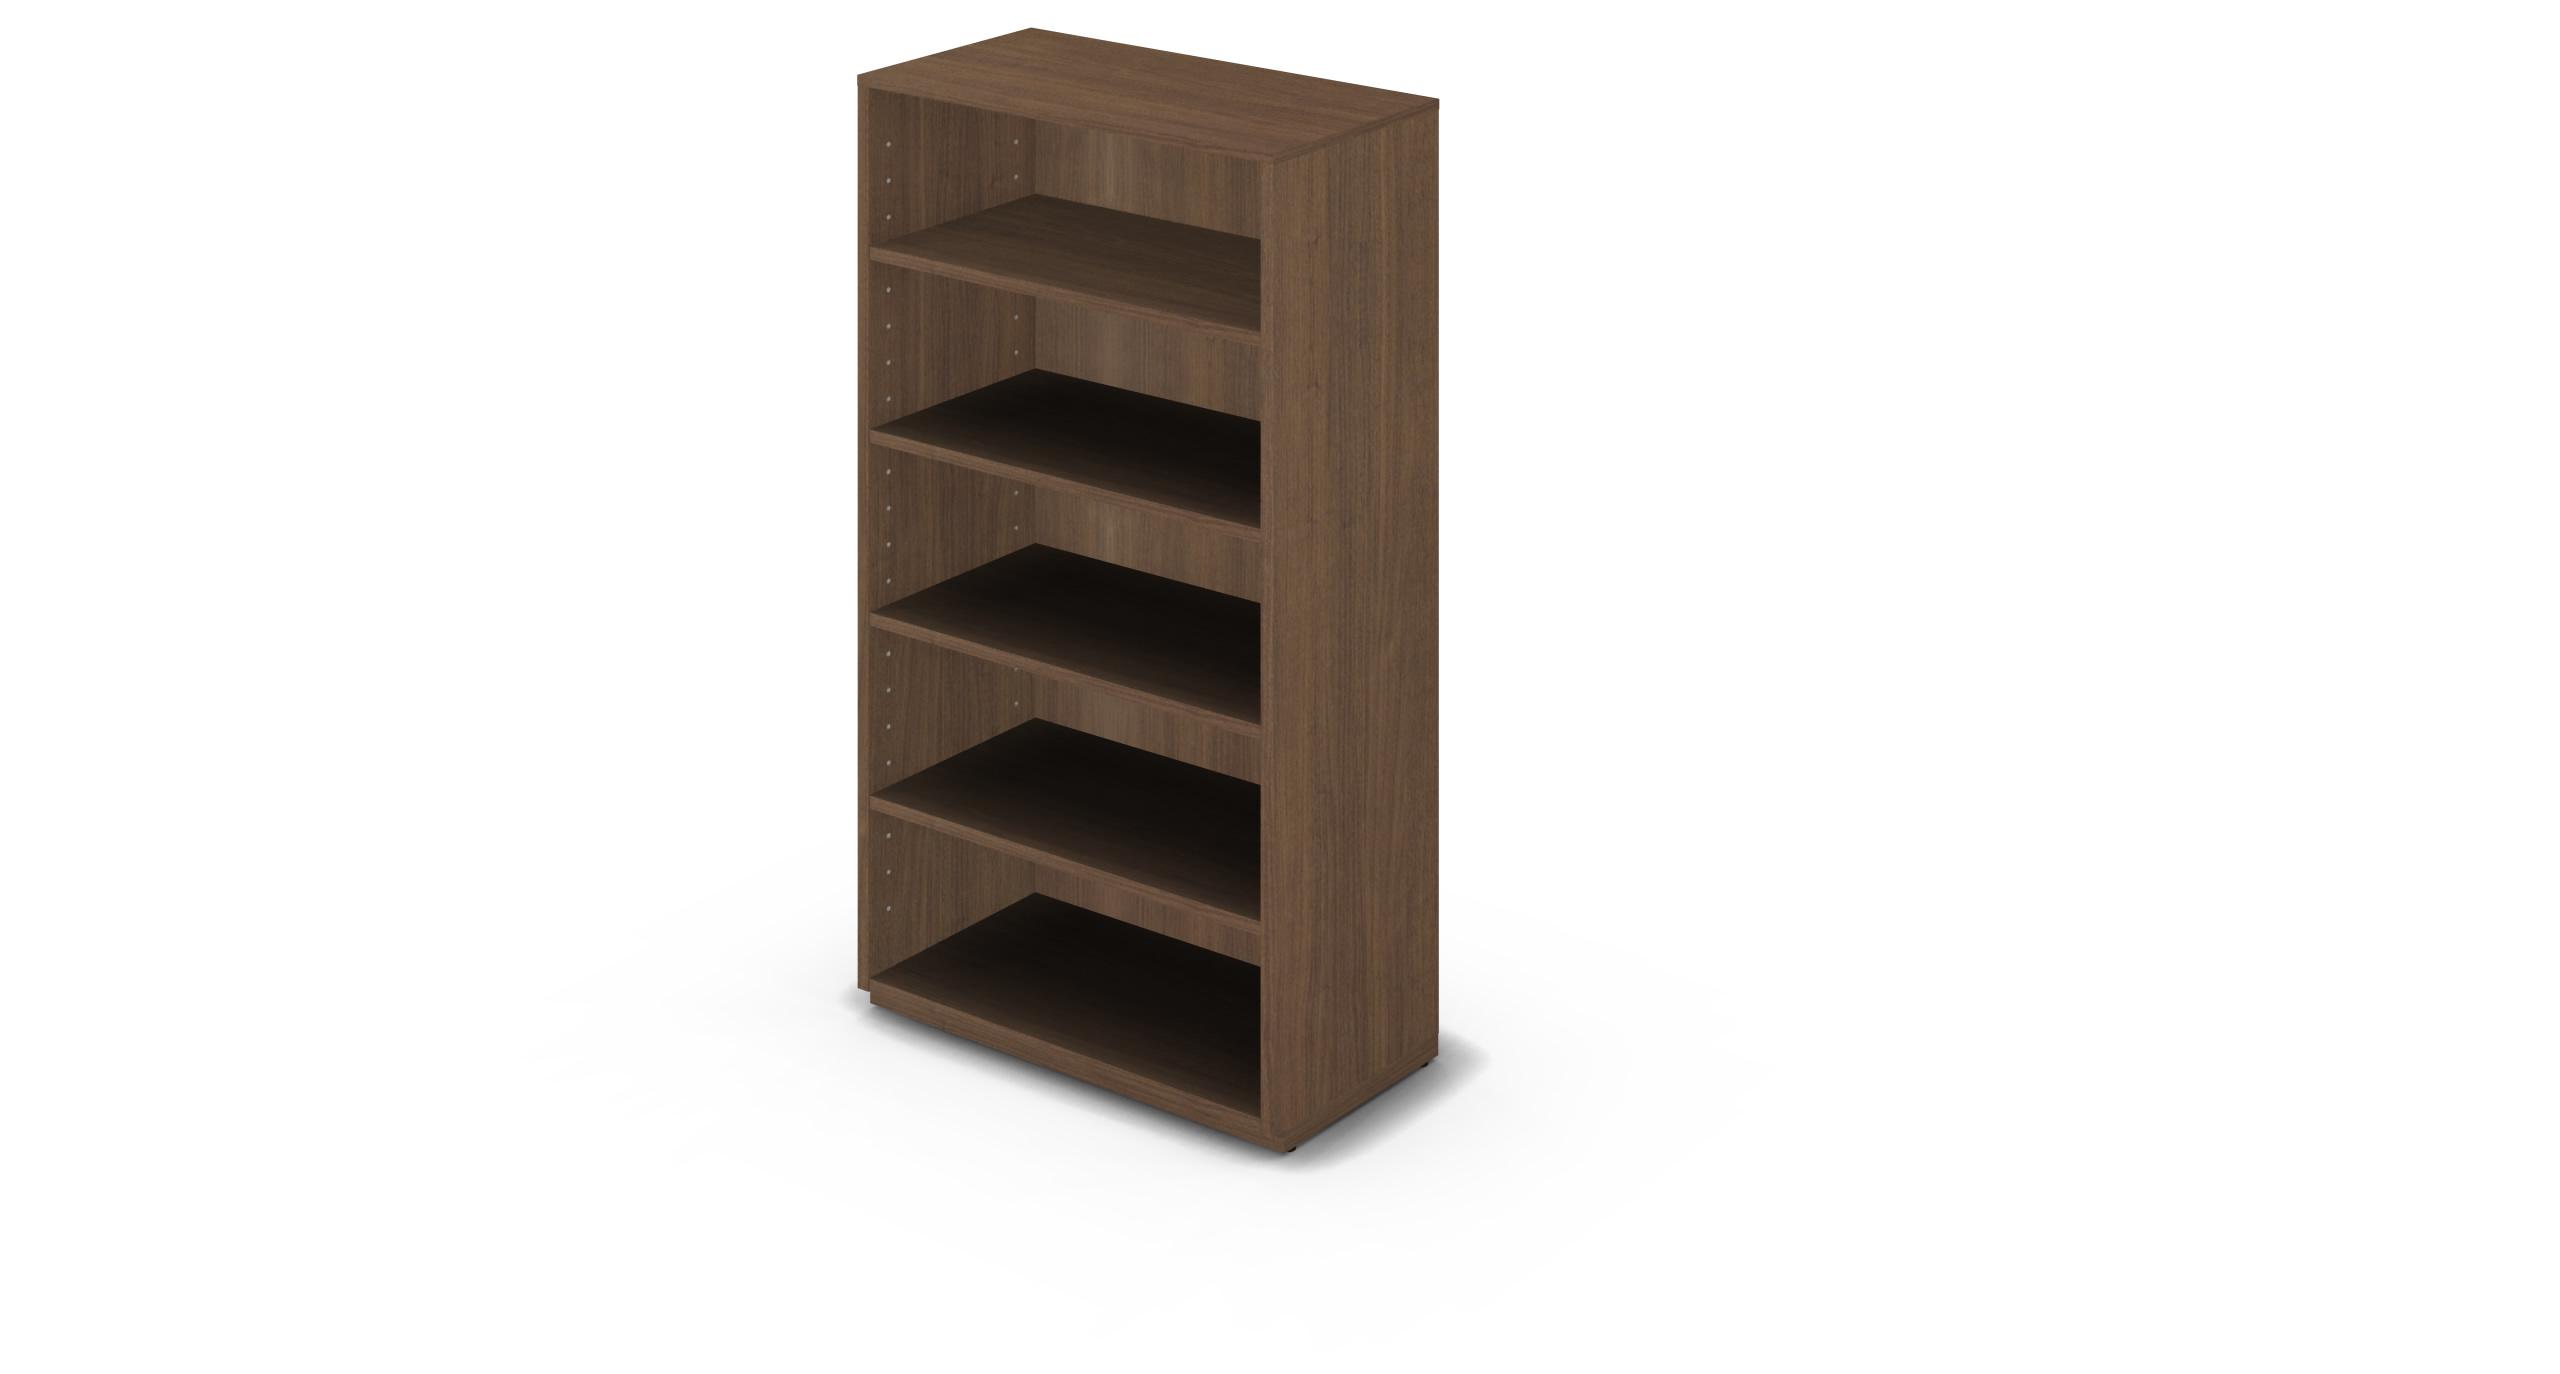 Shelf_900x450x1800_Walnut